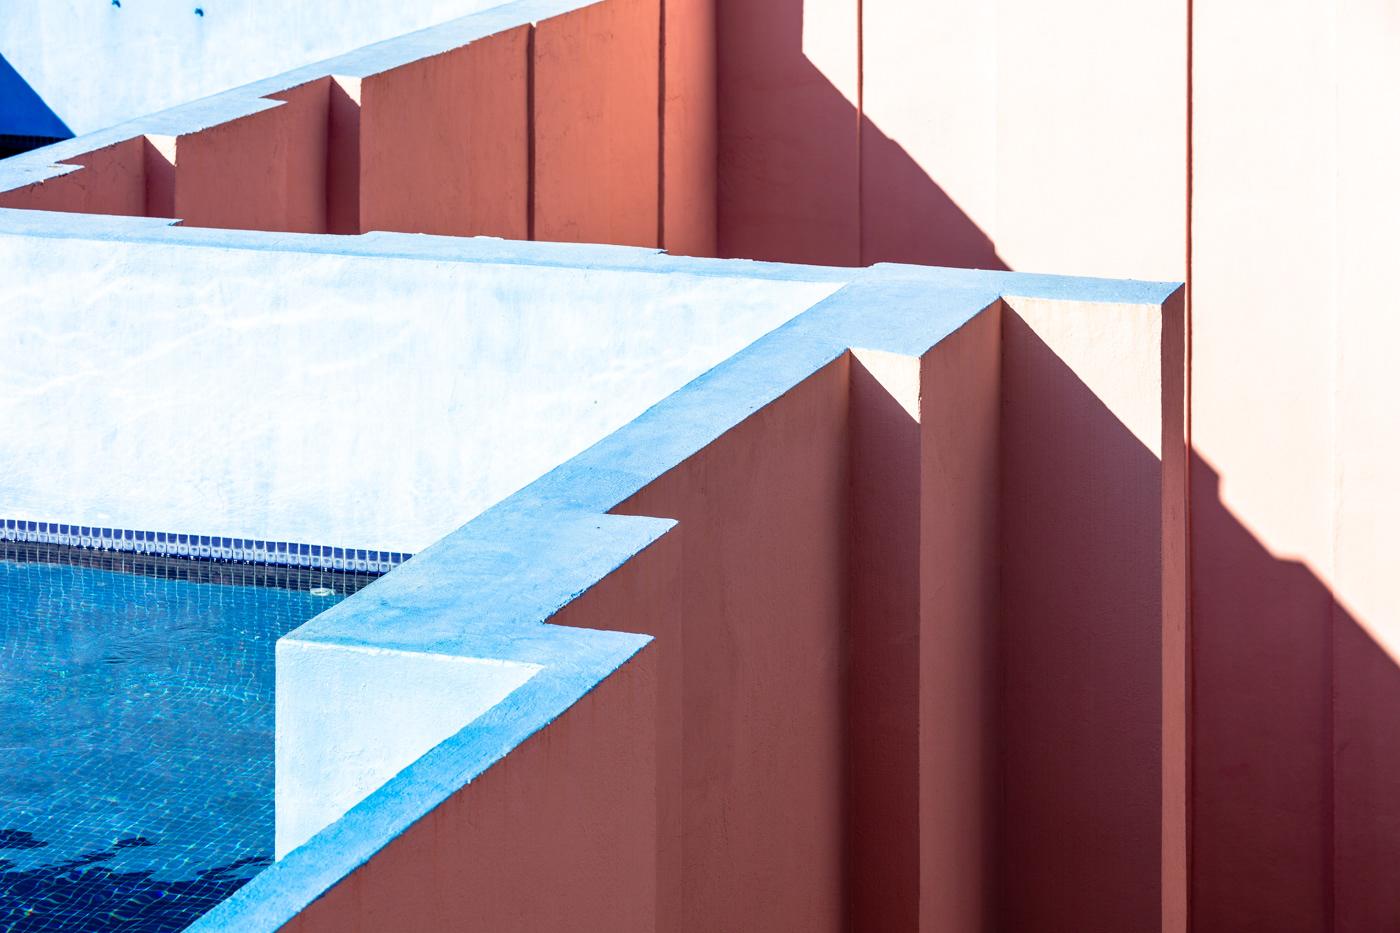 architecture bofill building color concrete contemporary design Muralla Roja red Urban